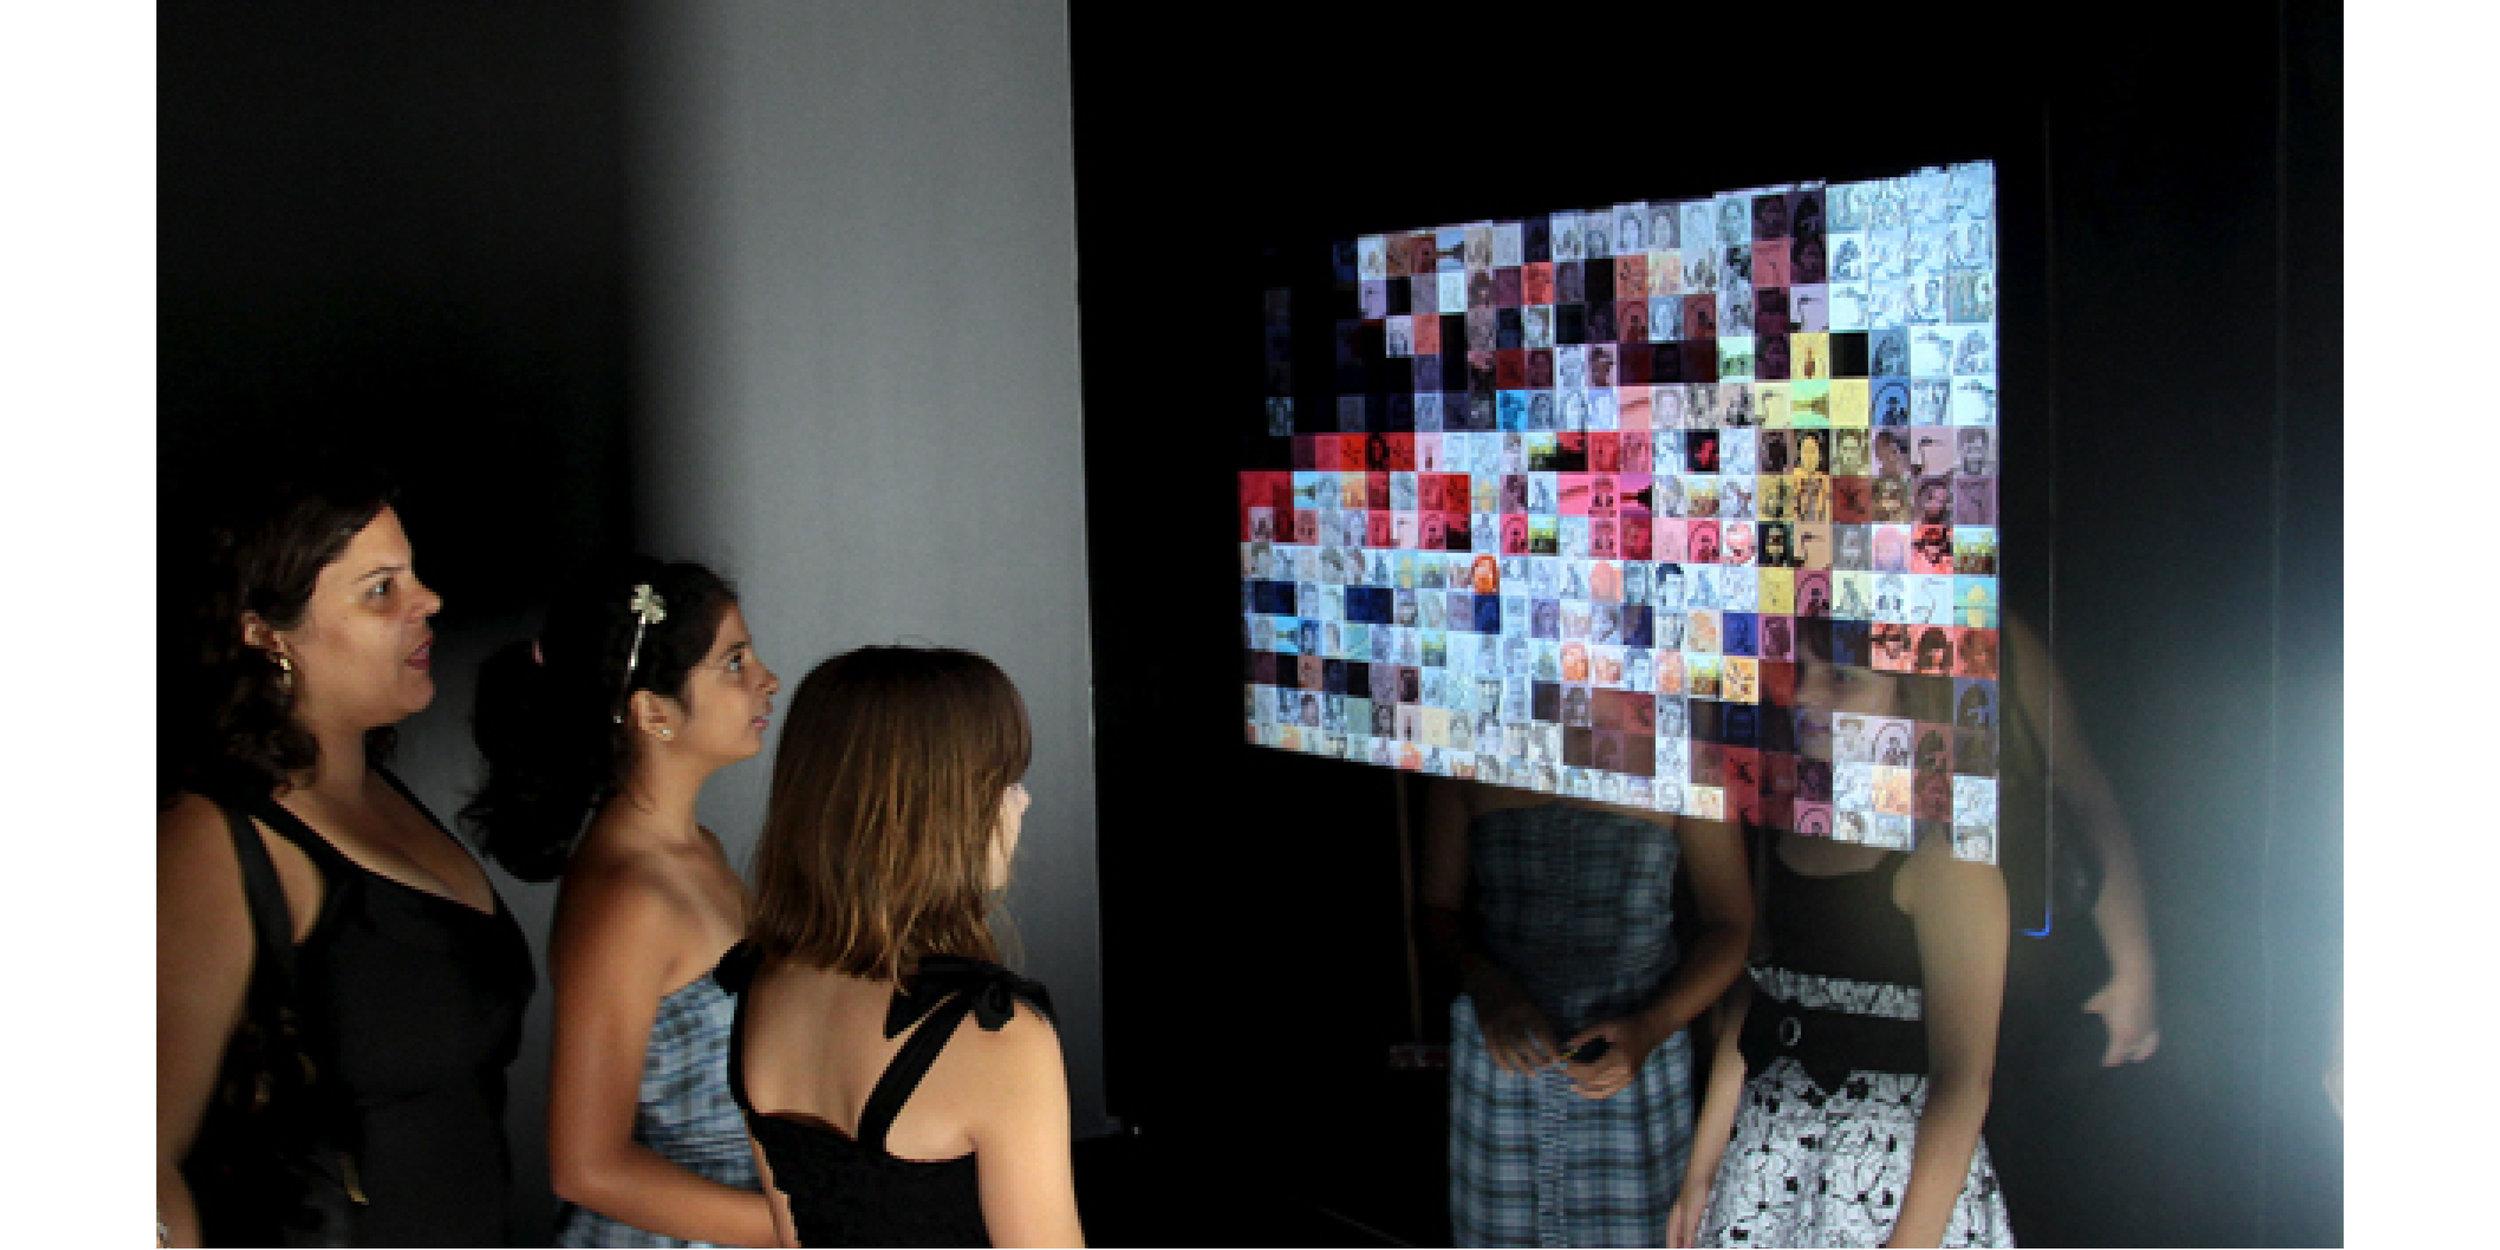 identidade visual de exposições + material de comunicação12.jpg